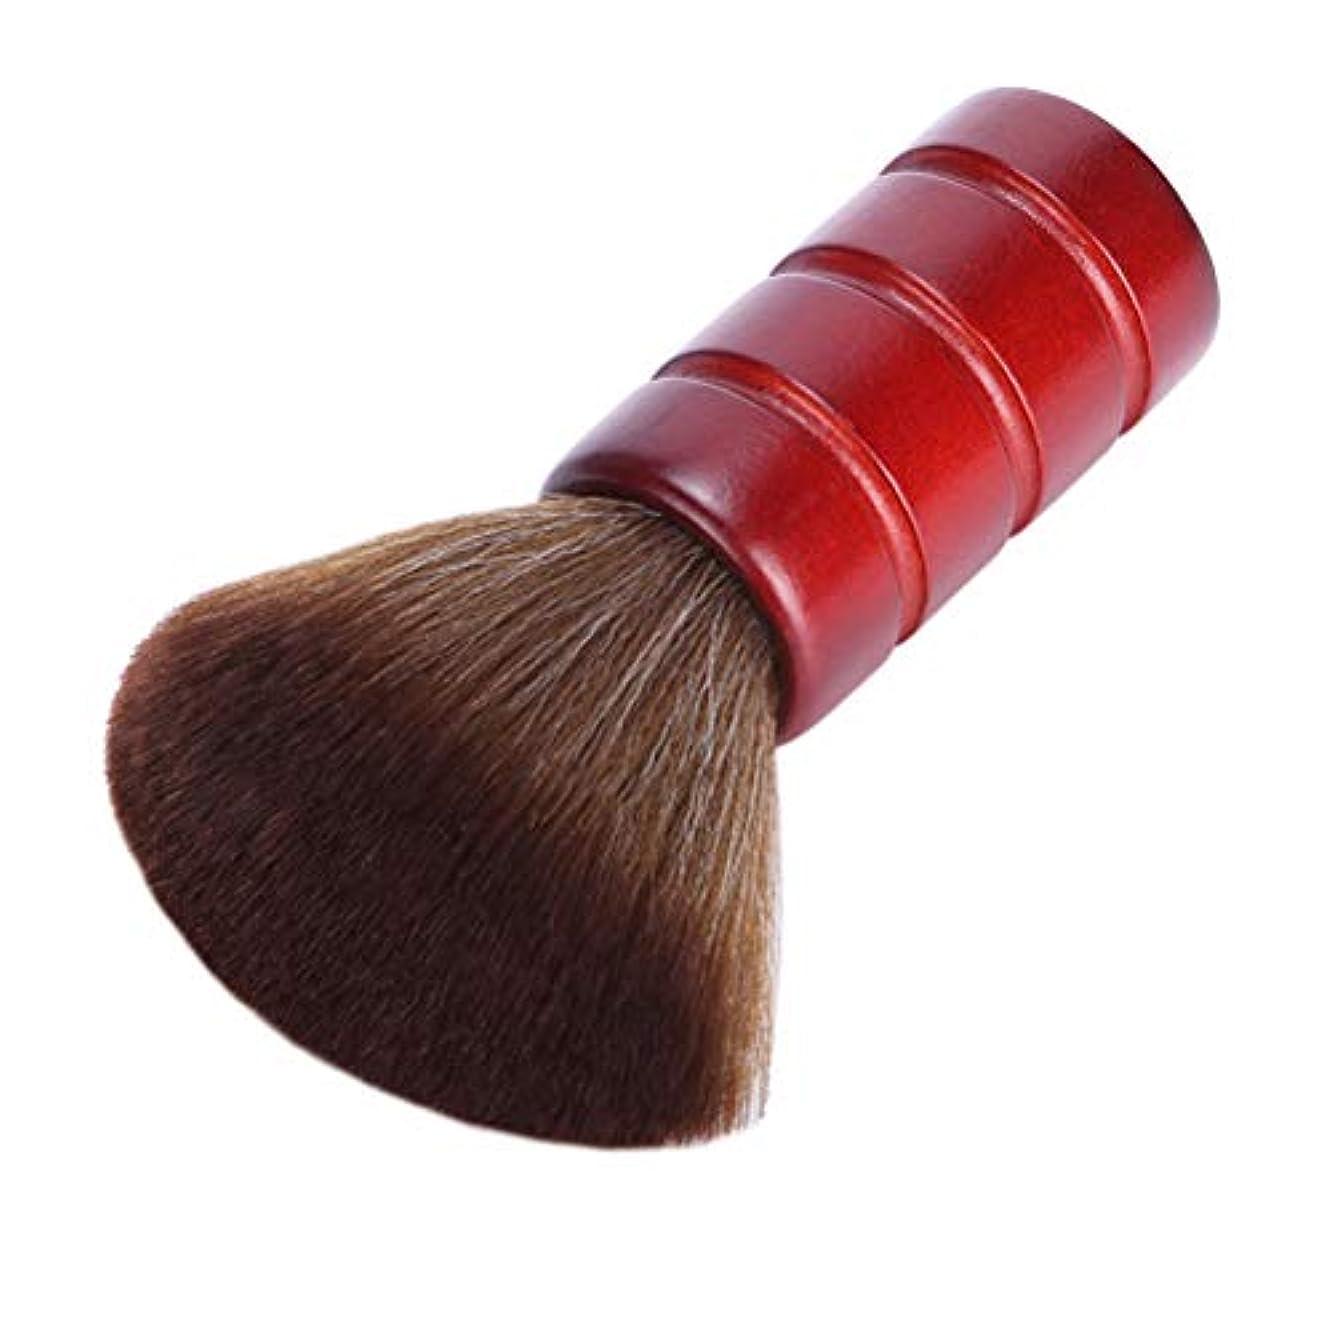 クレジットバット前任者Lurroseプロフェッショナルヘアカットブラシソフトファイバーフェイスネックダスターブラシ理髪サロン理容ツール